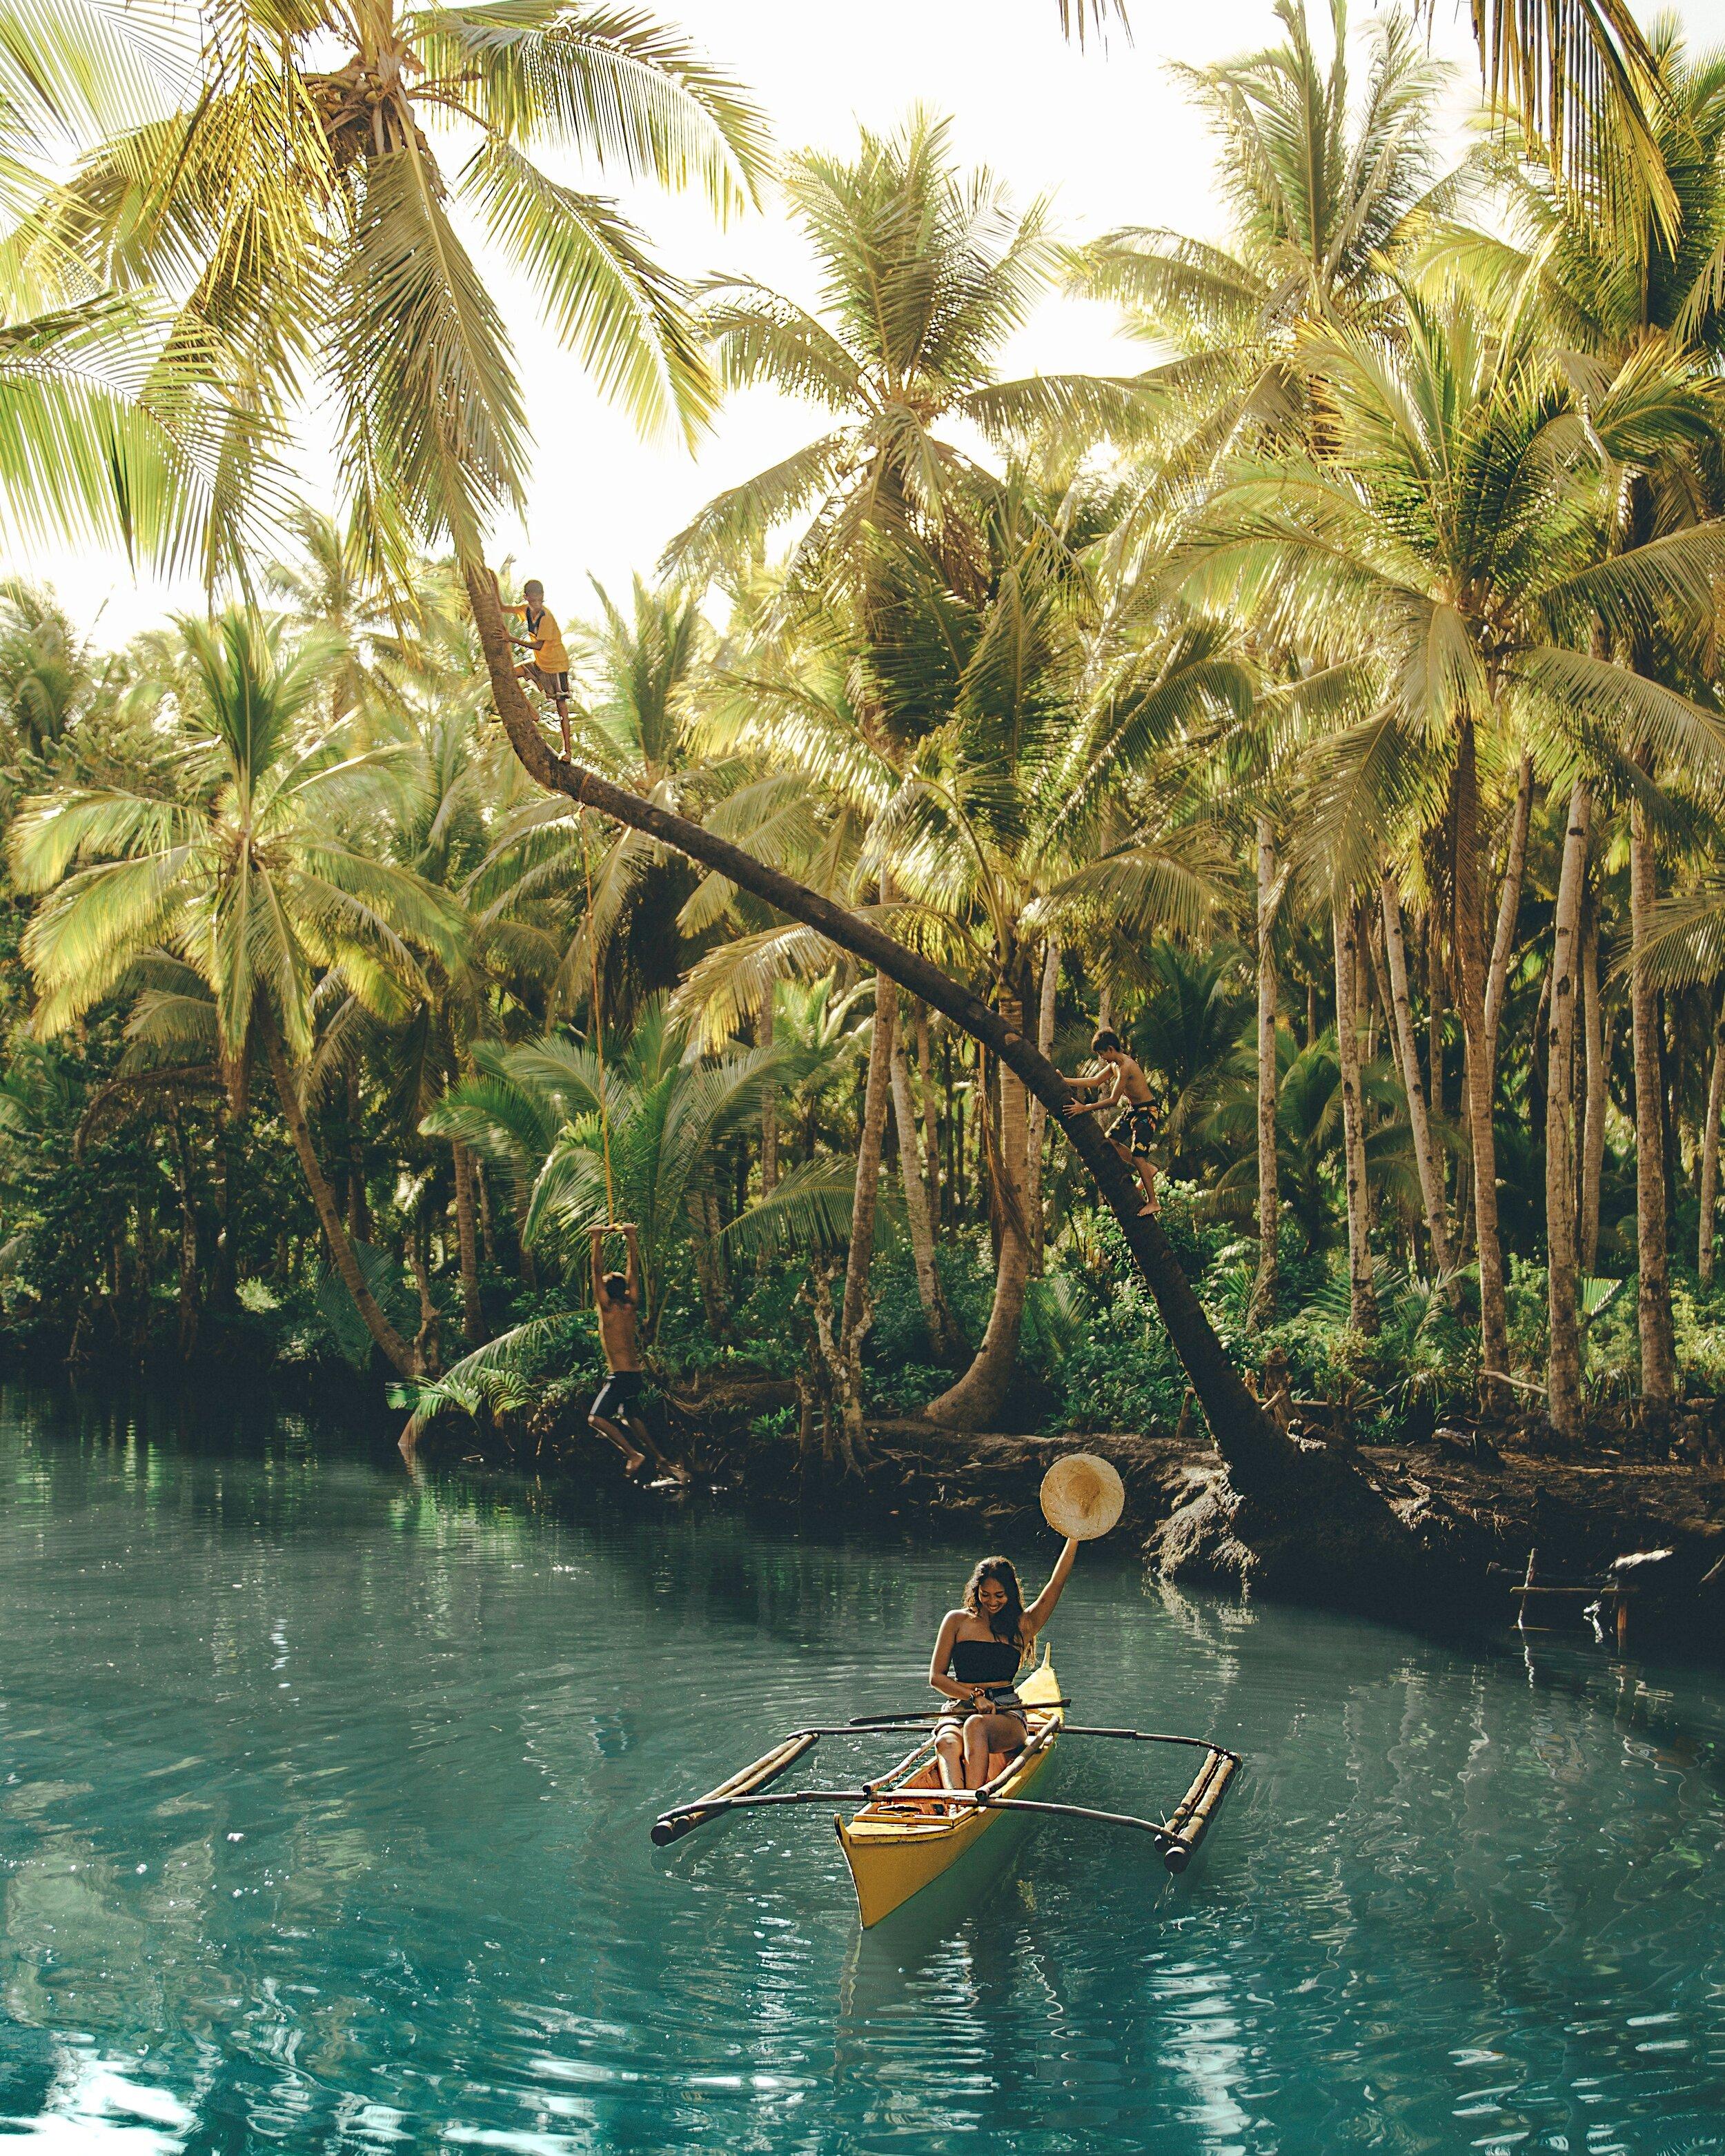 在菲律宾Siargao岛的一条河边,棕榈树成行——我坐在黄色的独木舟上,当地的孩子在我身后爬树!